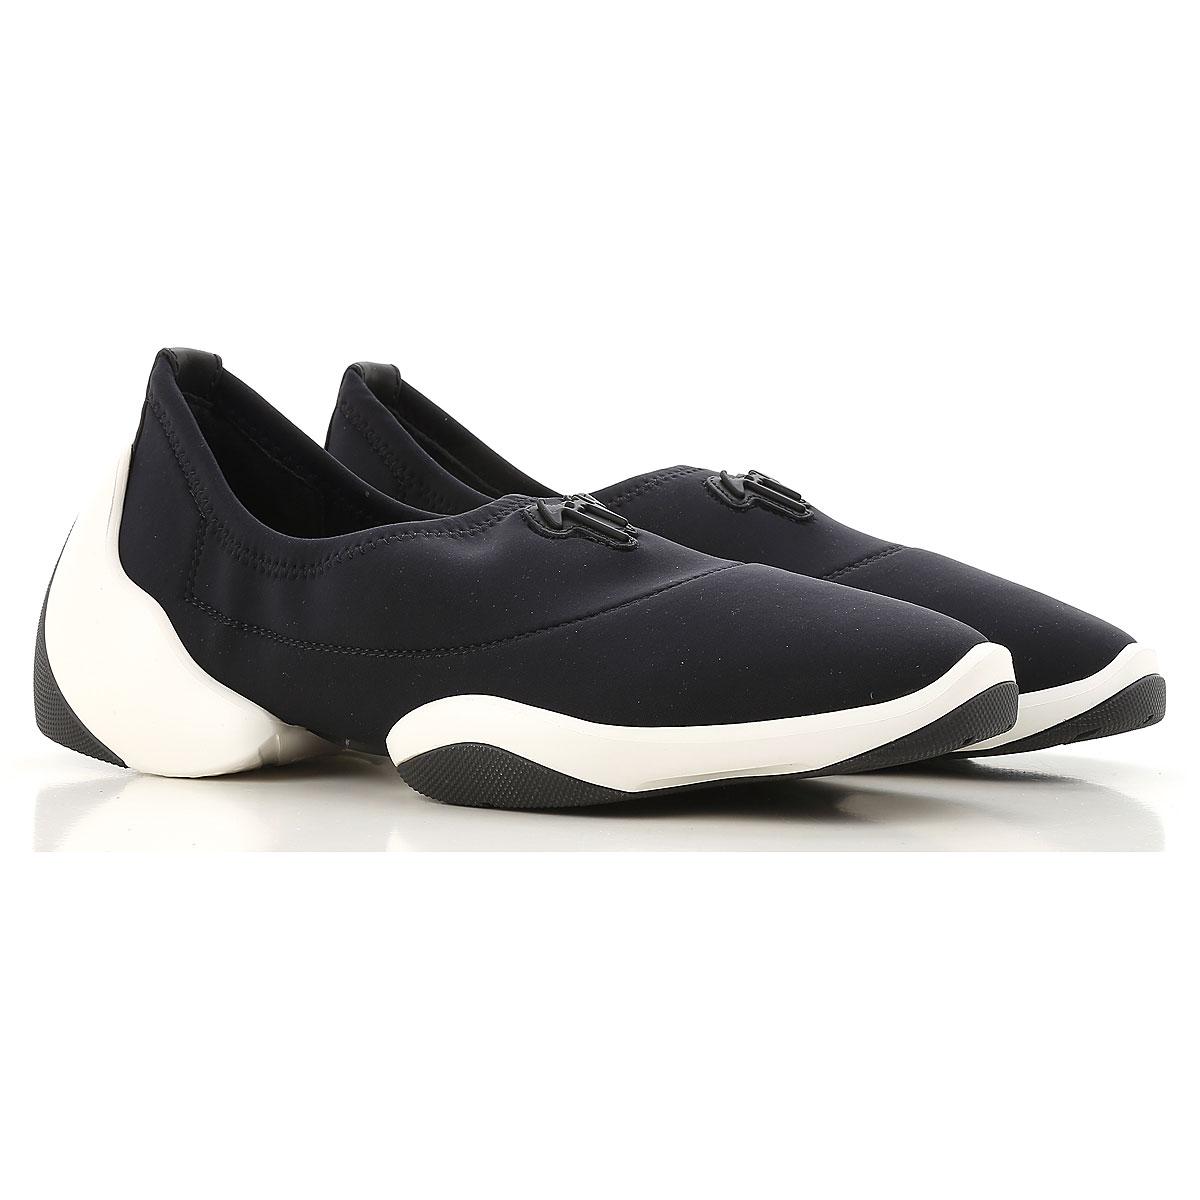 Giuseppe Zanotti Design Slip on Sneakers for Women On Sale in Outlet, Black, Neoprene, 2019, 9 9.5